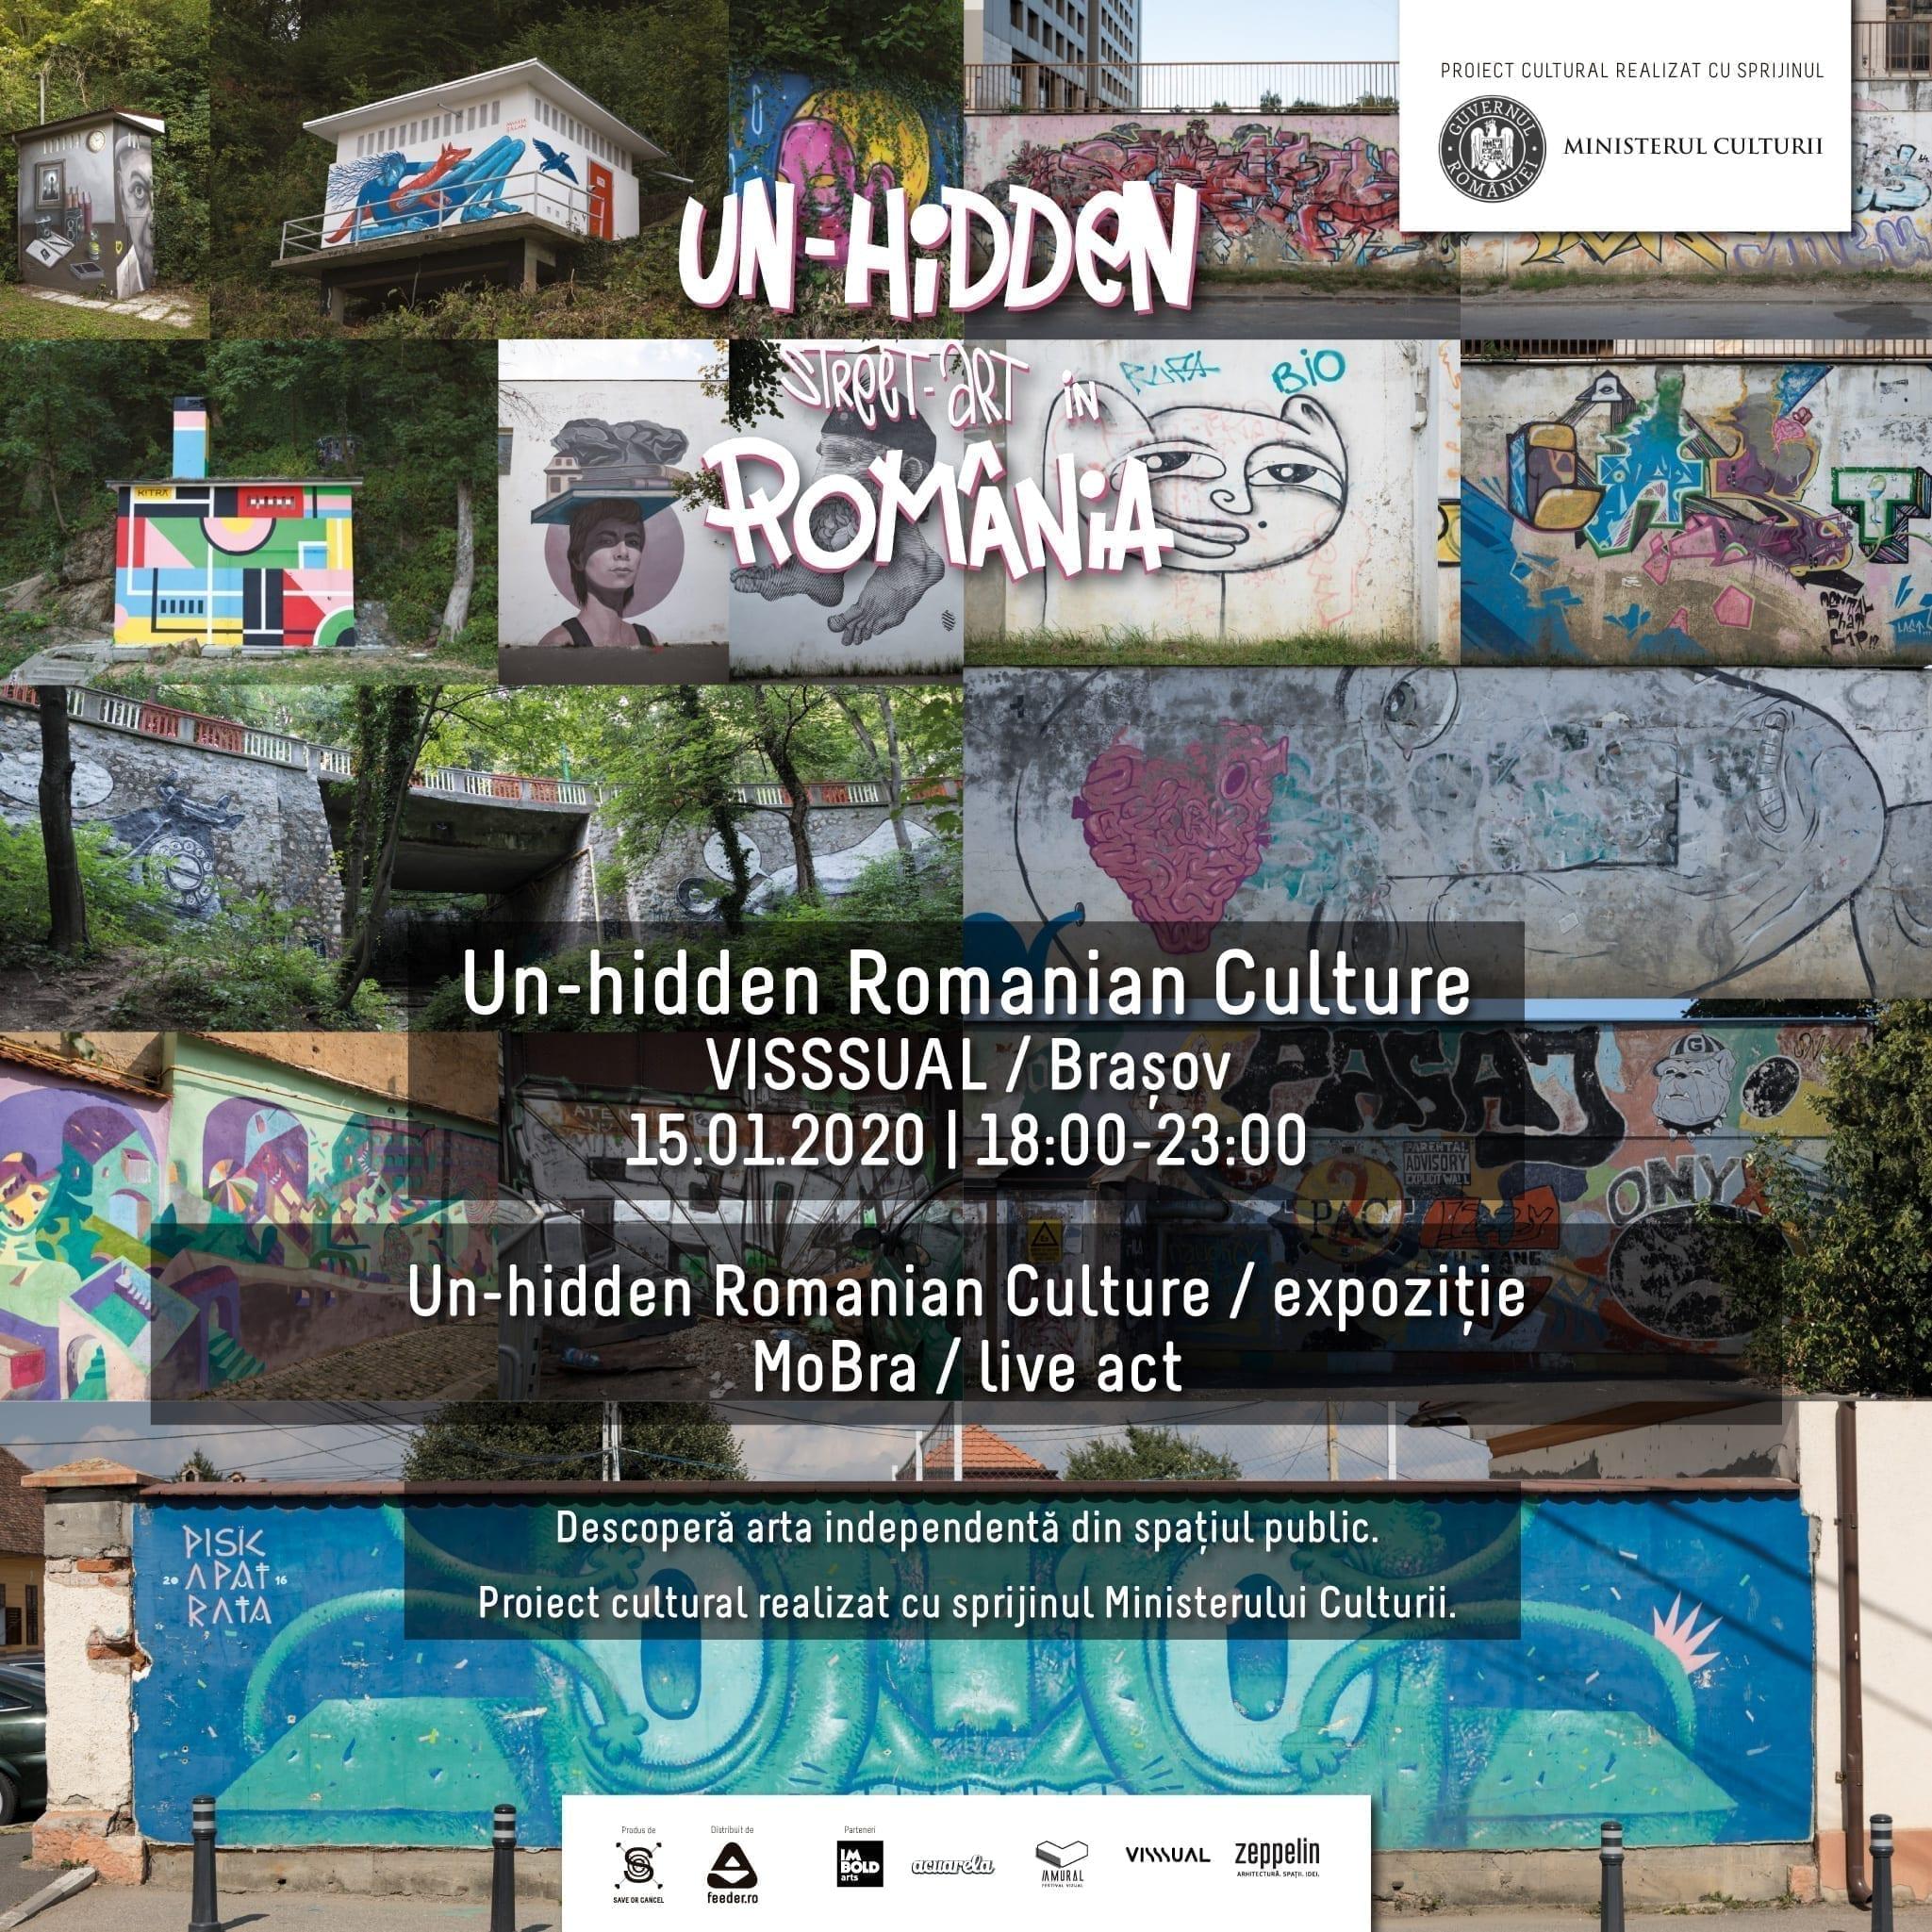 Descoperă expoziția Un-hidden Romanian Culture cu ocazia Zilei Culturii Naționale @ Visssual, Brașov